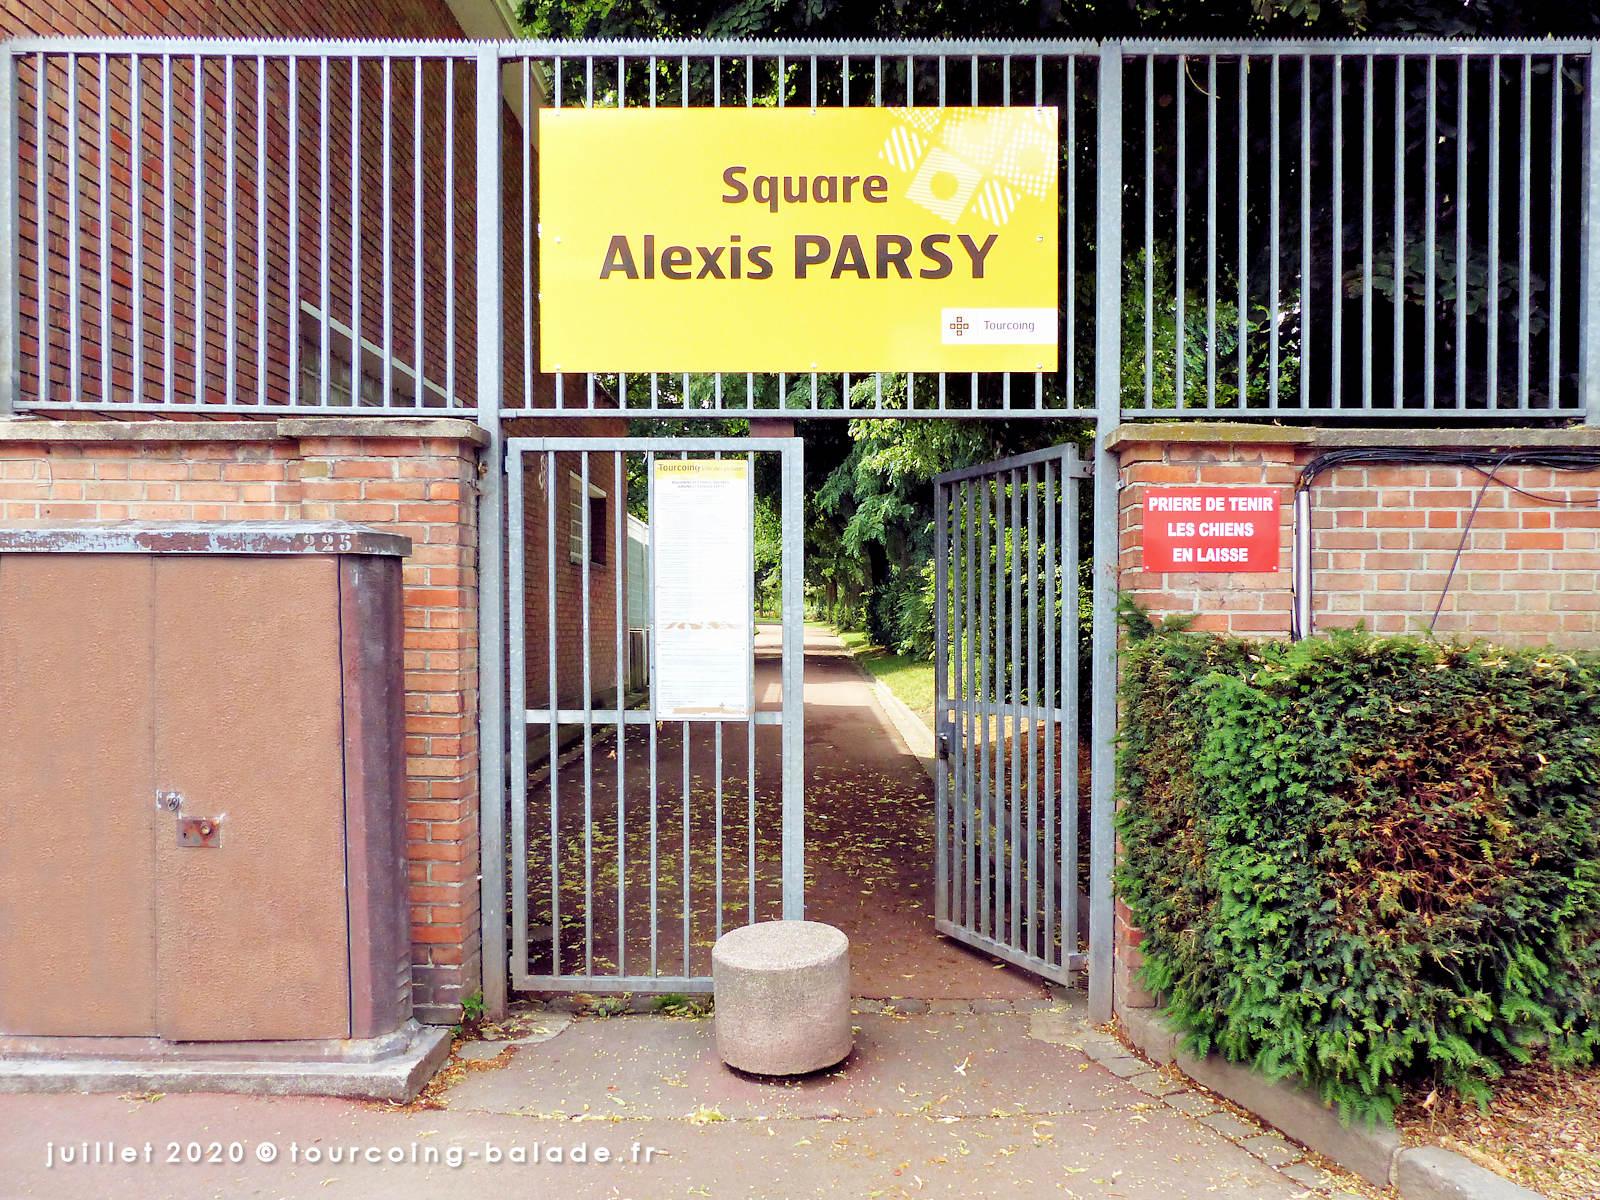 Rue de la Croix-Rouge - Entrée Square Alexis Parsy, Tourcoing 2020